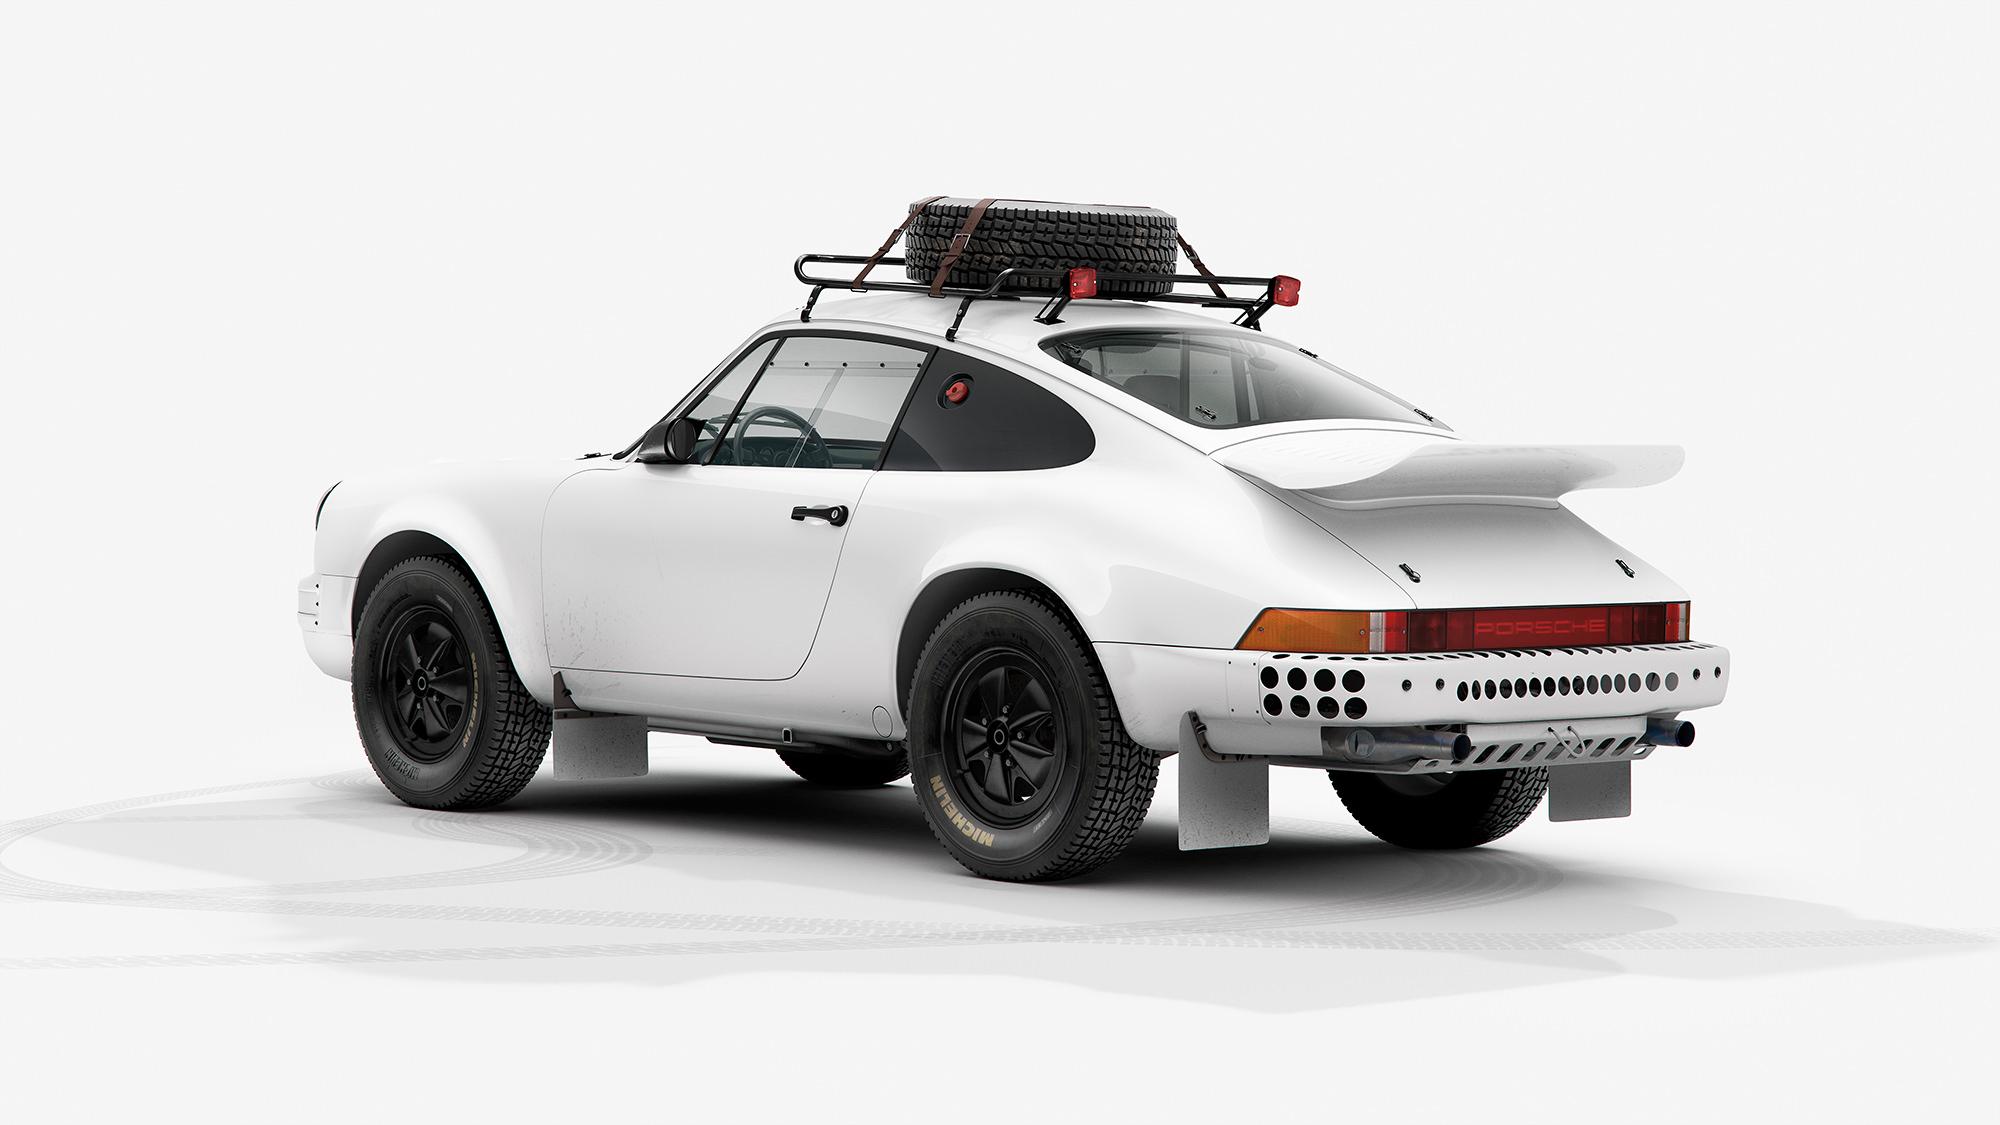 The Porsche 953 Ink Print 1984 Paris Dakar Rally Winner